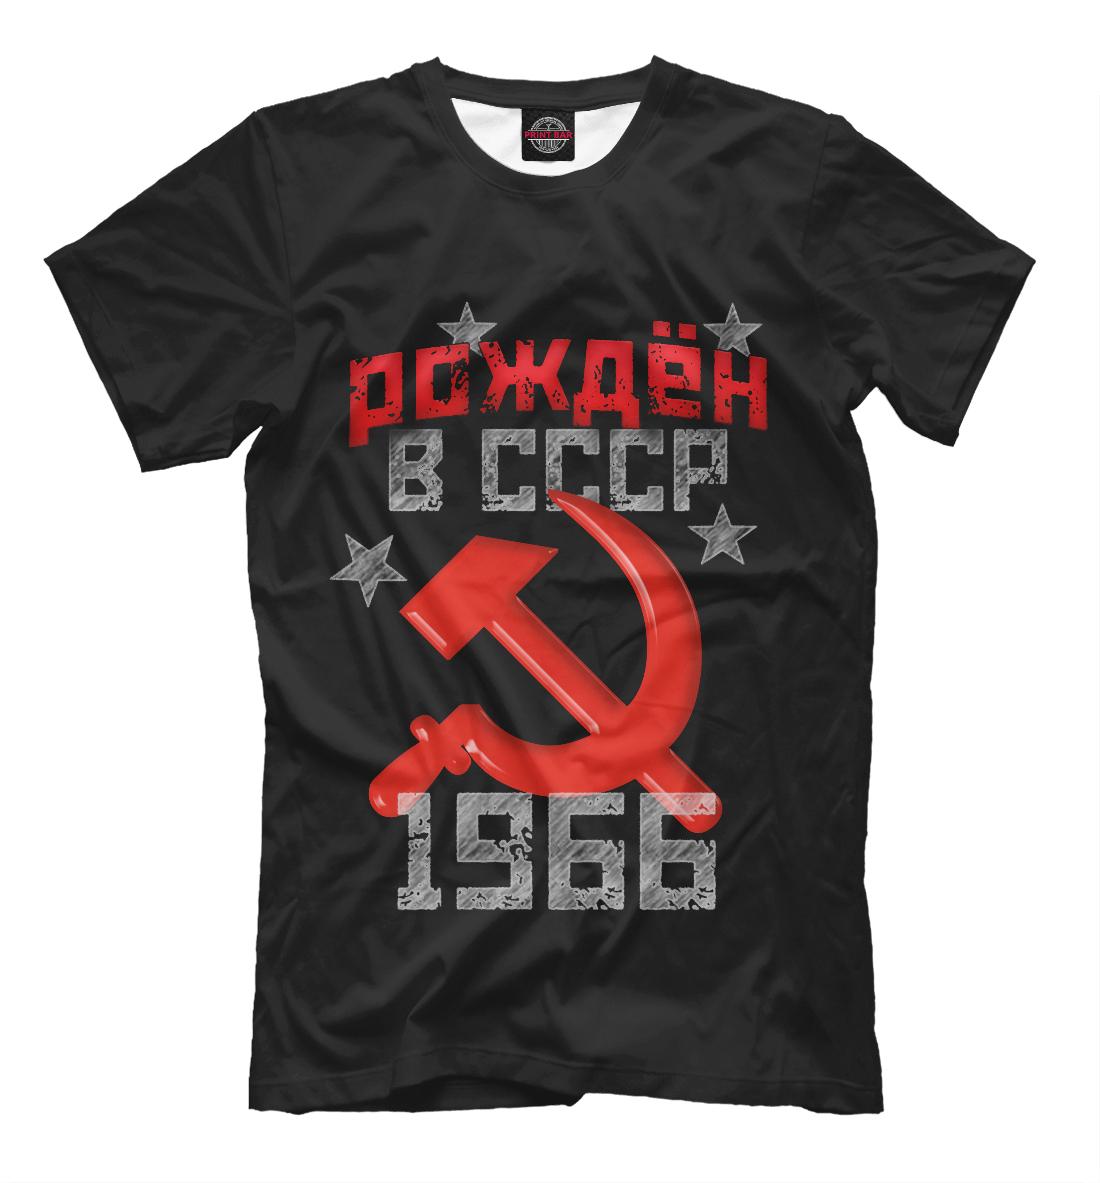 Купить Рожден в СССР 1966, Printbar, Футболки, DHH-188925-fut-2